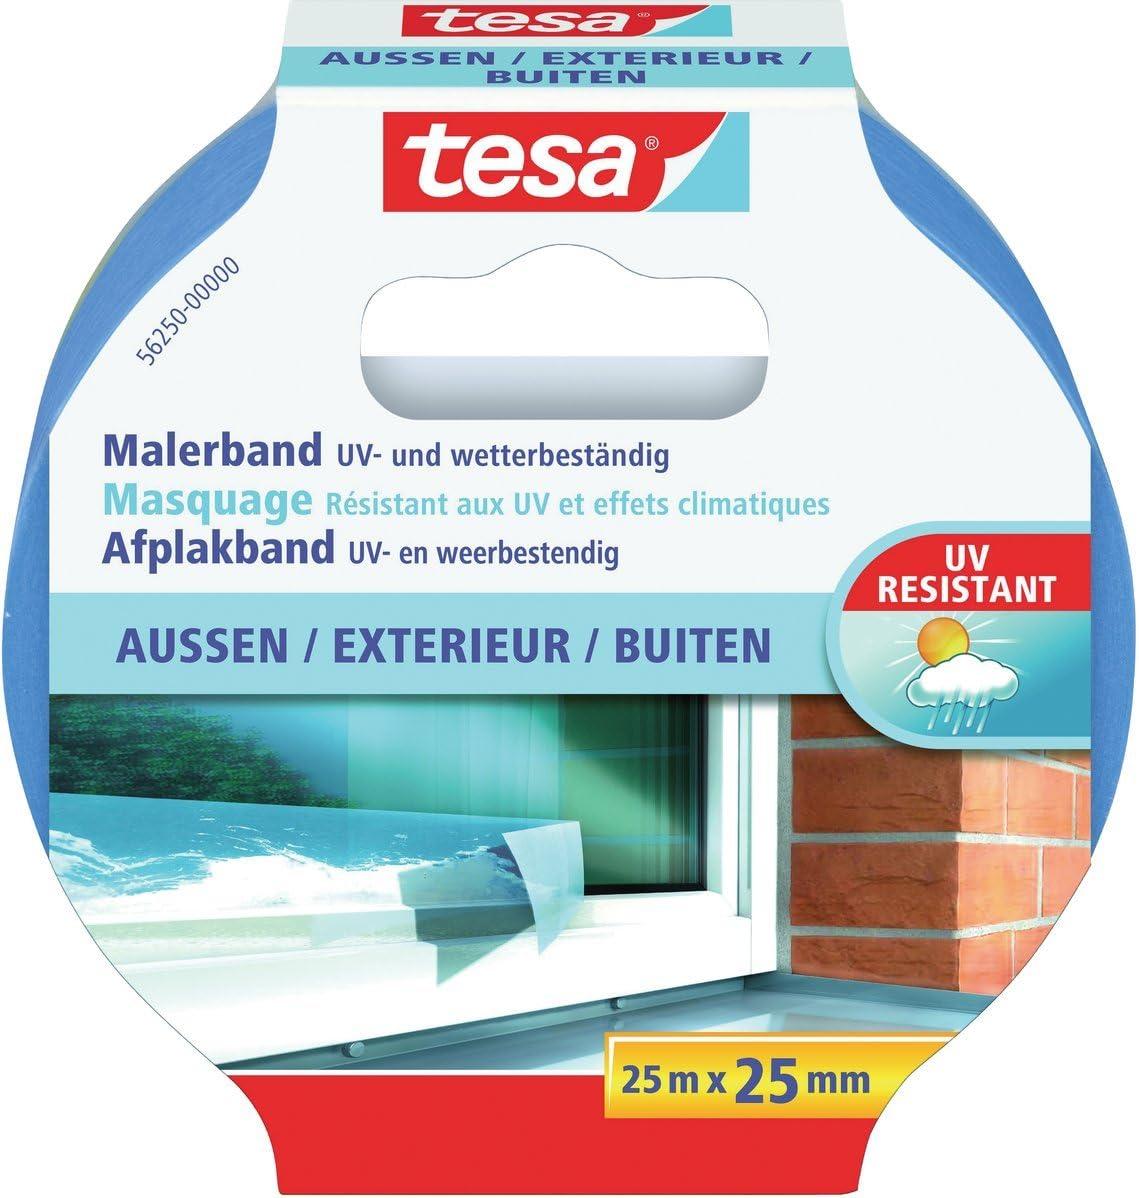 25m : 25mm, 2 Rollen tesa Malerband f/ür Au/ßen und wetterbest/ändig UV